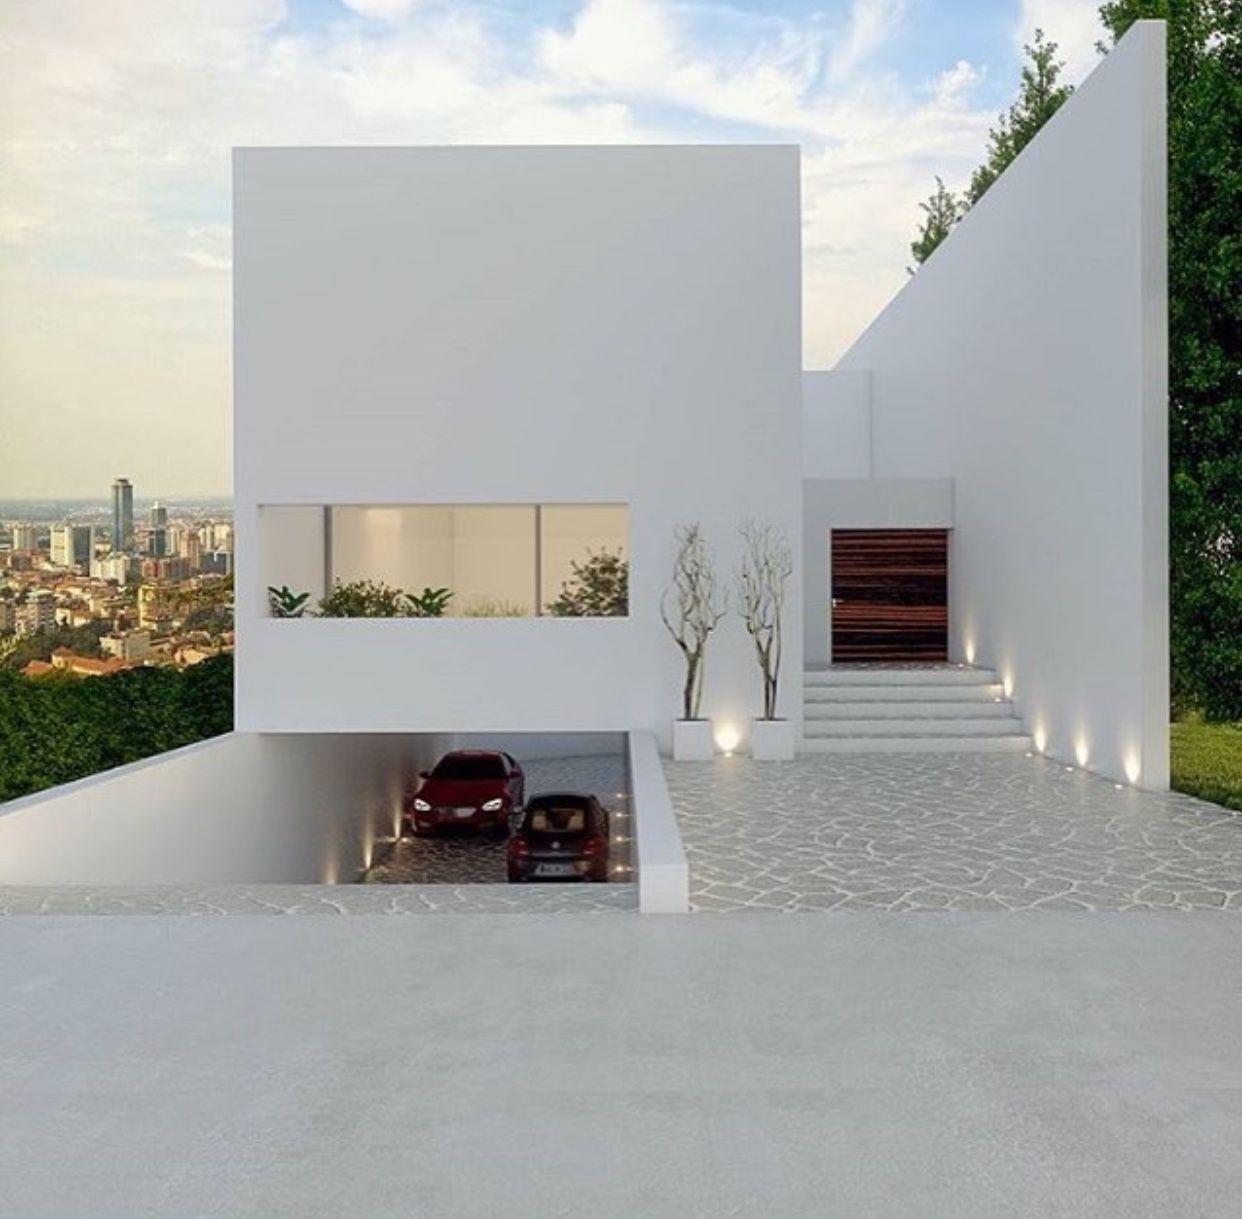 Pingl par naomi bello sur unidad habitacional for Conception villa moderne